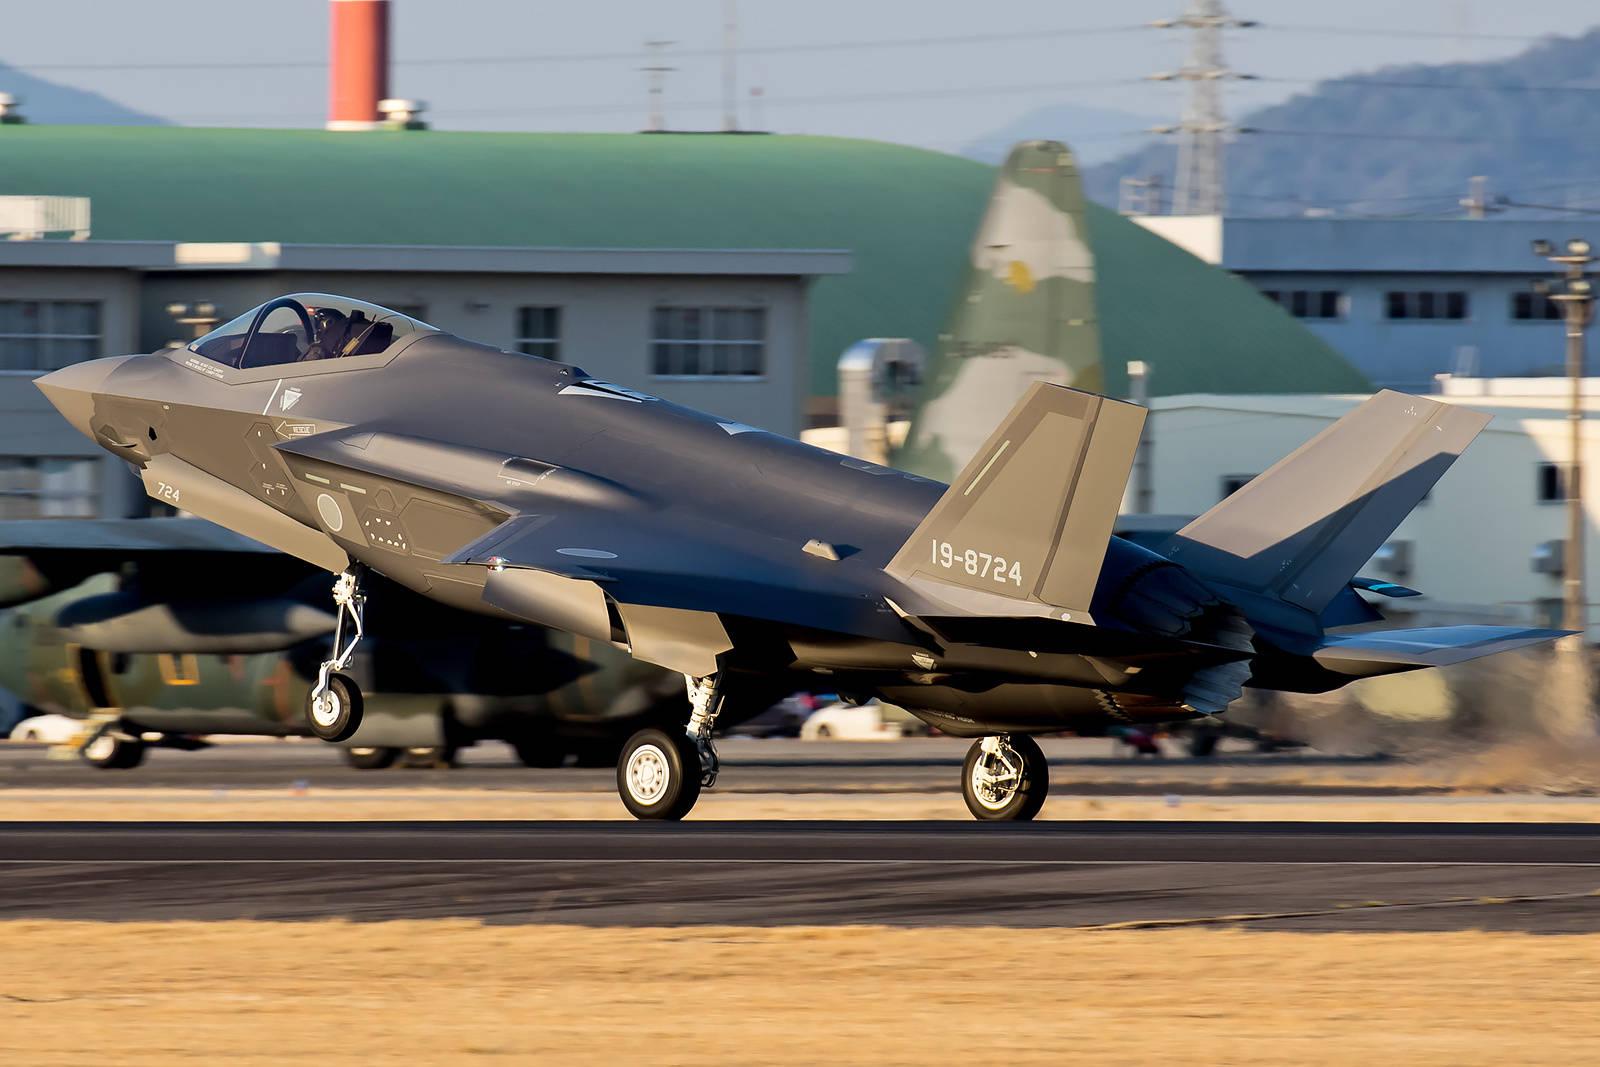 三菱重工爆产能,4天首飞两架F-35隐形战机,年度计划已完成33%